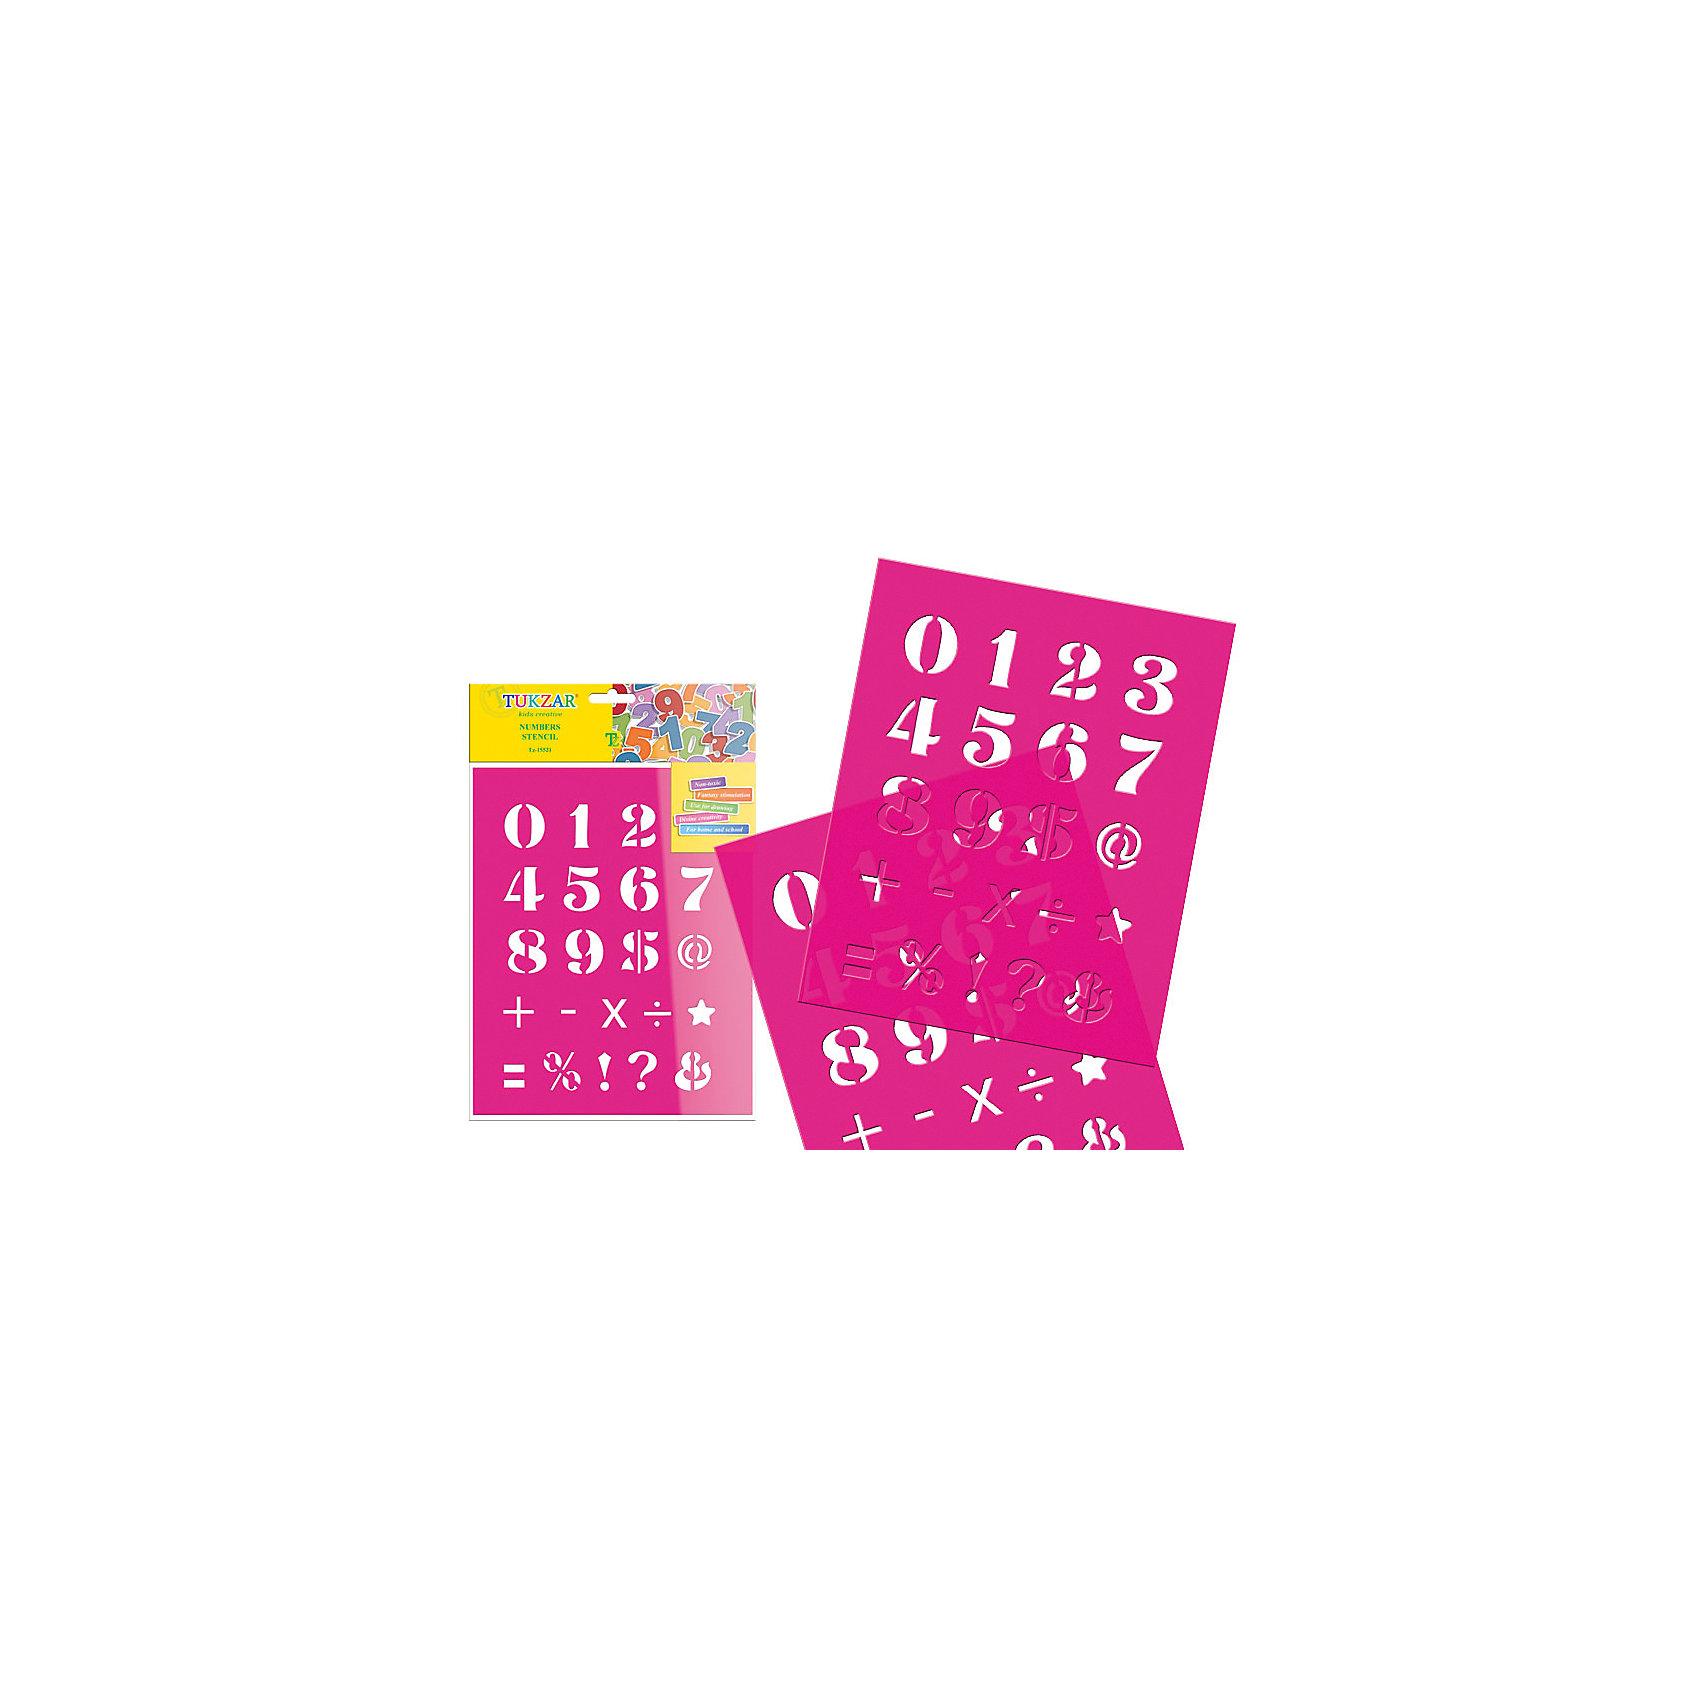 Трафарет Цифры 20*25 смТрафарет Цифры поможет оформить реферат или небольшой плакат, красиво написать цифры в поздравительной открытке. Малыши смогут обводить цифры, запоминая их. <br><br>Дополнительная информация:<br>- Материал: пластик.<br>- Размер: 20х25 см.<br><br>Трафарет Цифры 20х25 см можно купить в нашем магазине.<br><br>Ширина мм: 202<br>Глубина мм: 250<br>Высота мм: 1<br>Вес г: 100<br>Возраст от месяцев: 36<br>Возраст до месяцев: 72<br>Пол: Унисекс<br>Возраст: Детский<br>SKU: 4558409